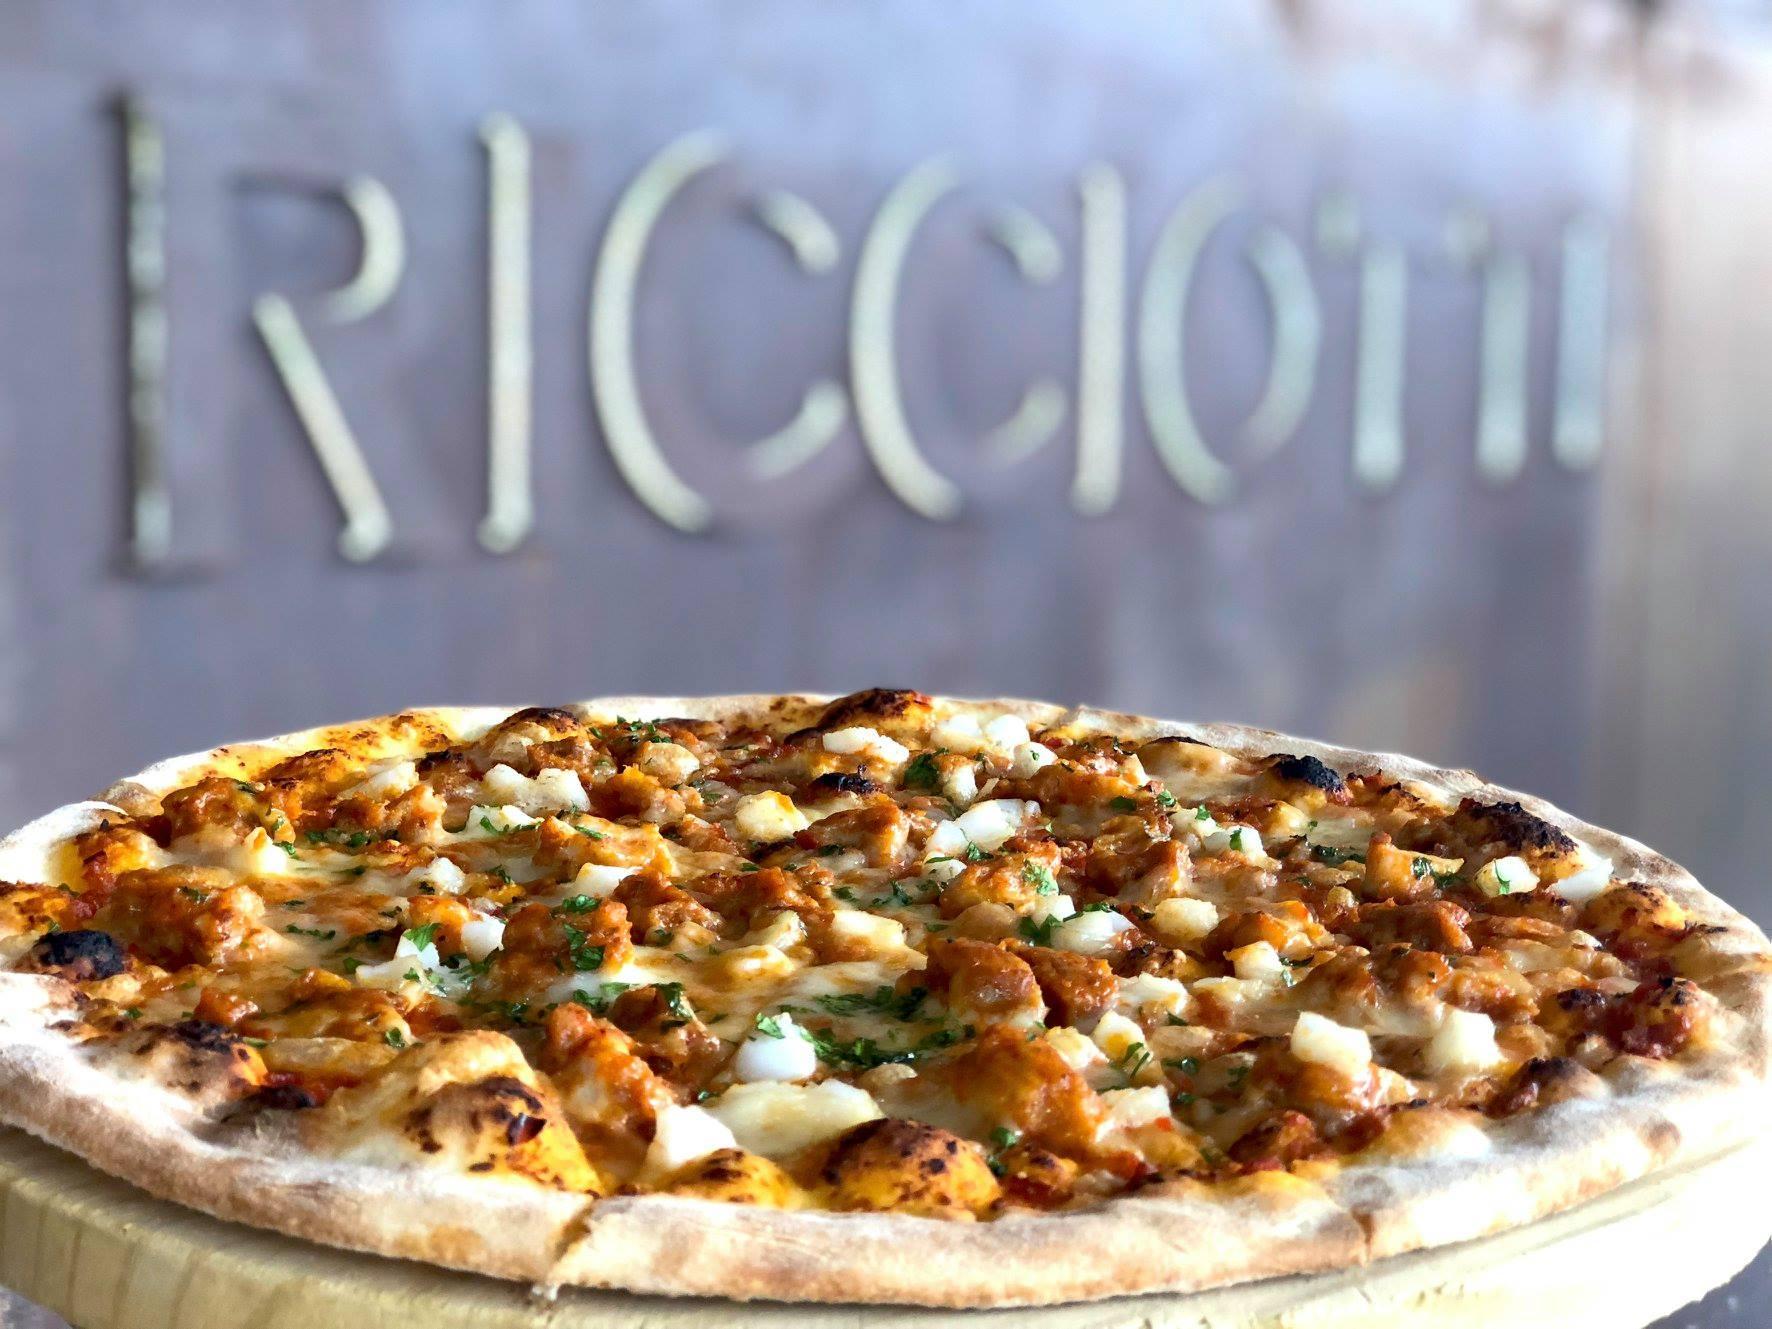 ricciotti pizza places in singapore